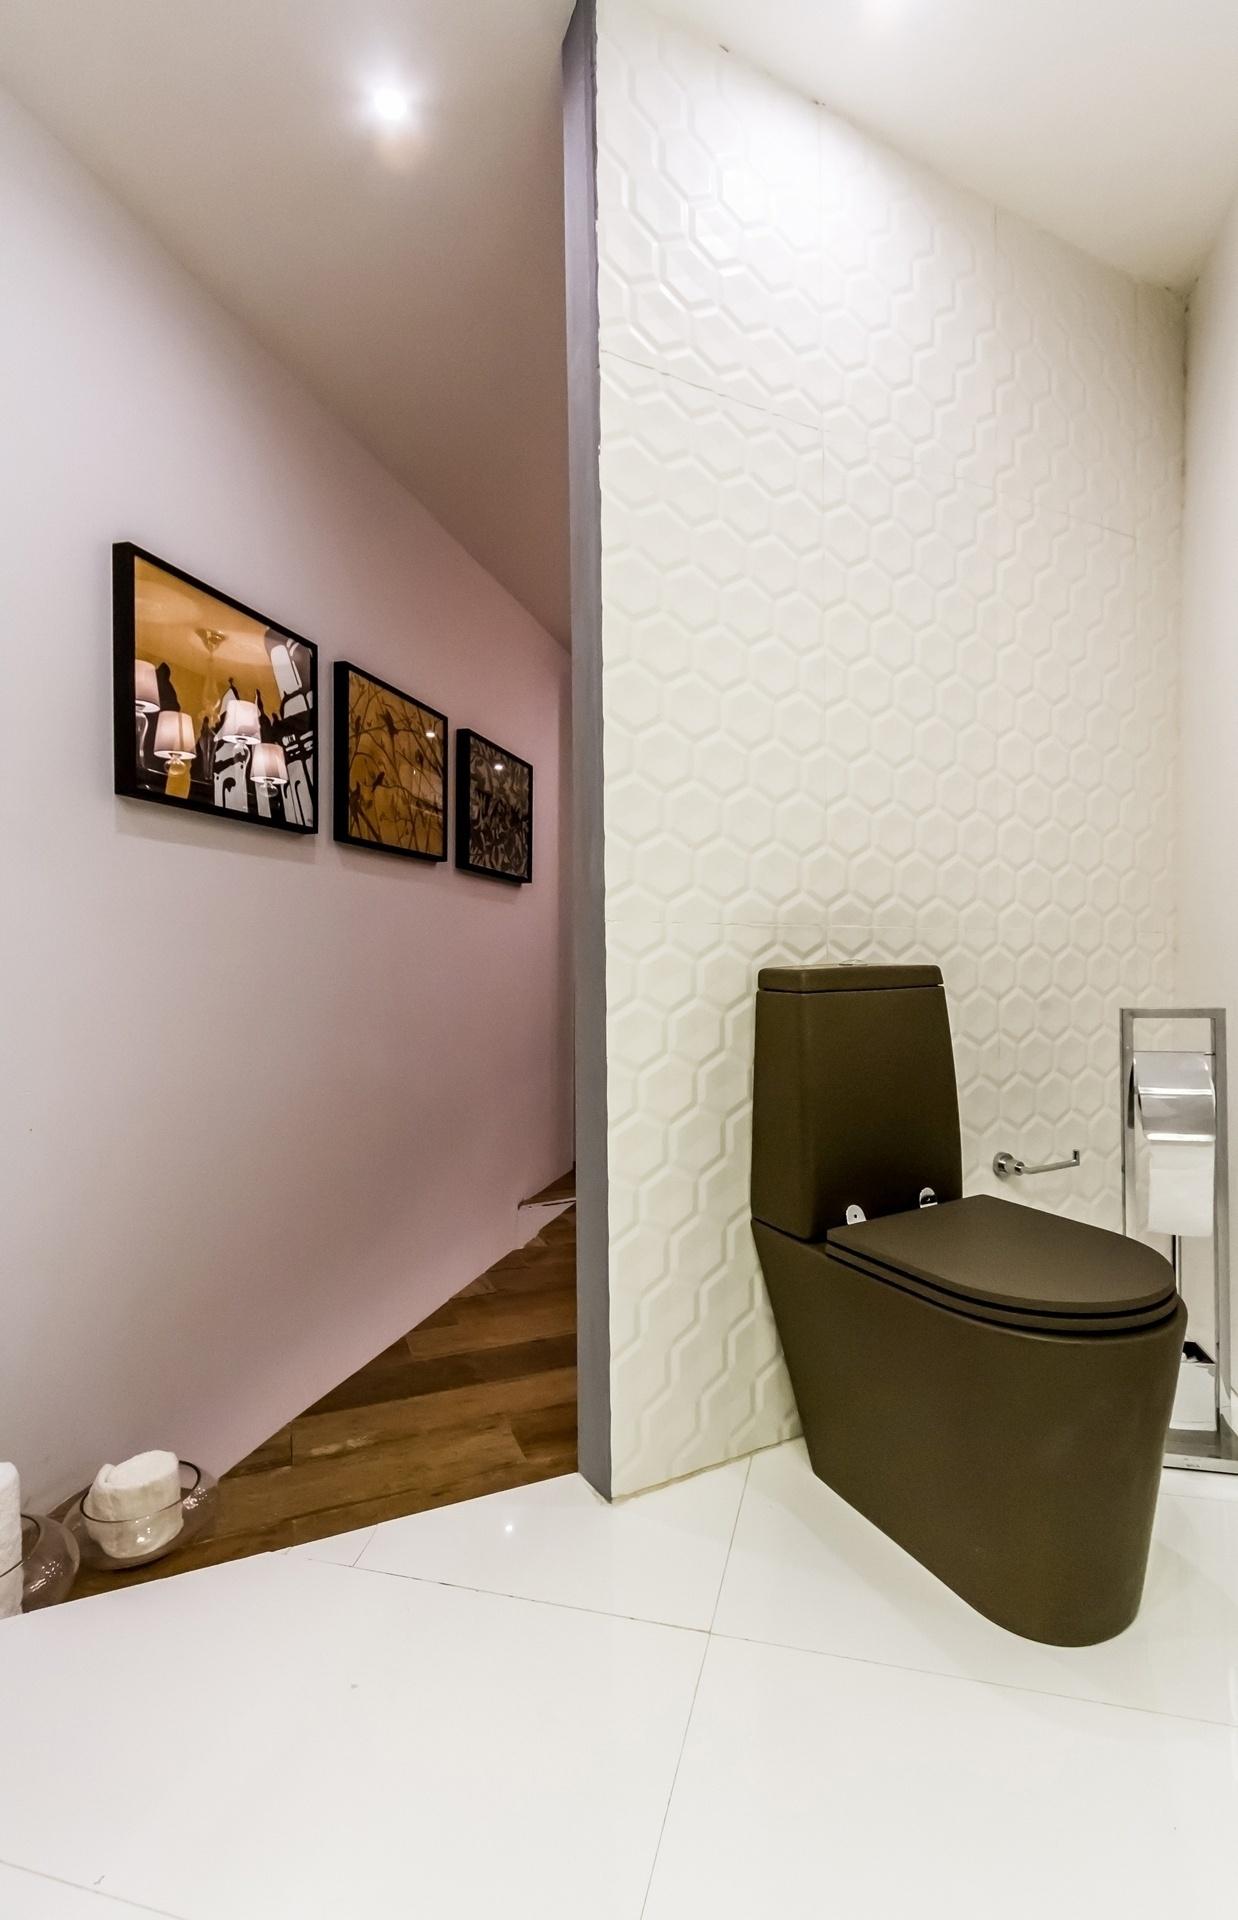 No segundo pavimento, o banheiro tem louça escura e parede revestida com cerâmica de grande formato e textura hexagonal. O ambiente faz parte do Refúgio Contemporâneo, projetado por Eduardo Baldelomar para a Casa Cor Bolívia